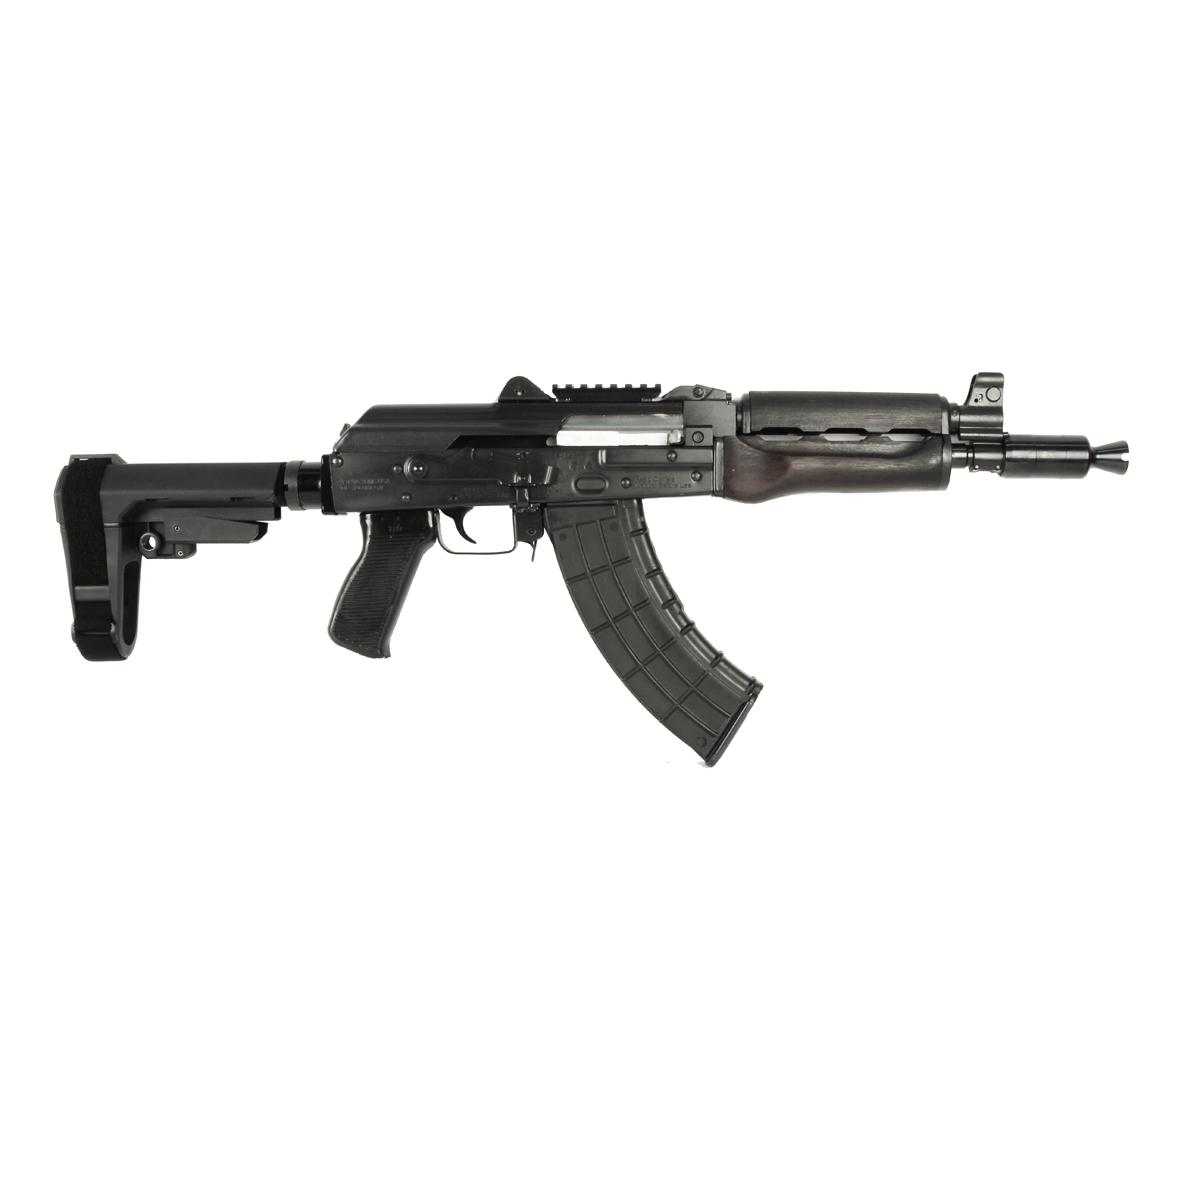 Zastava Arms USA ZPAP M92 7.62 X 39mm Pistol